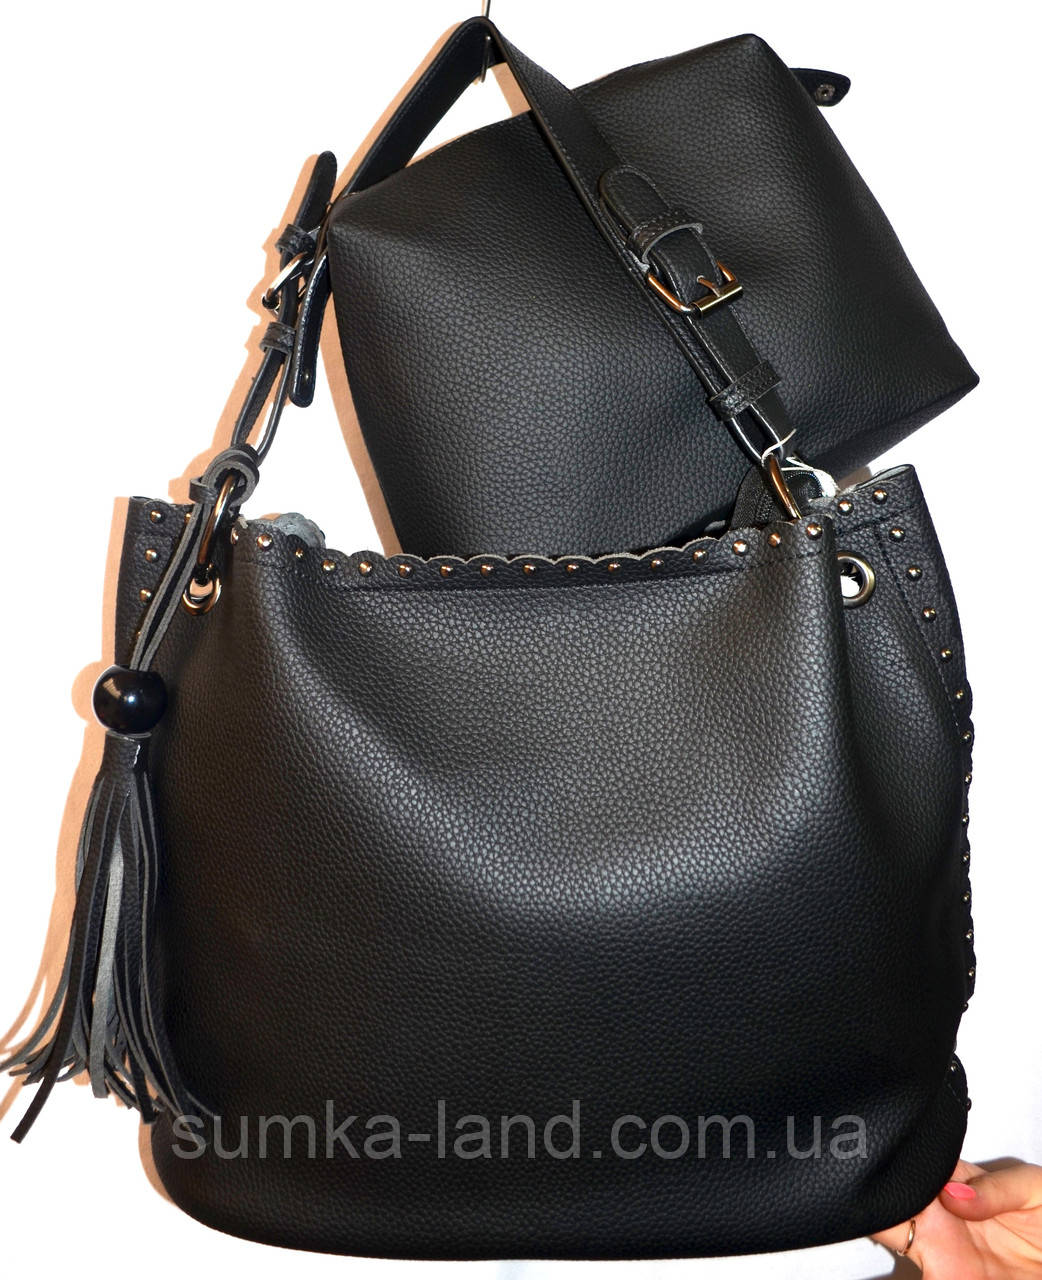 Женская черная сумка два в одном с ремешком 30*26 (сумка + клатч)